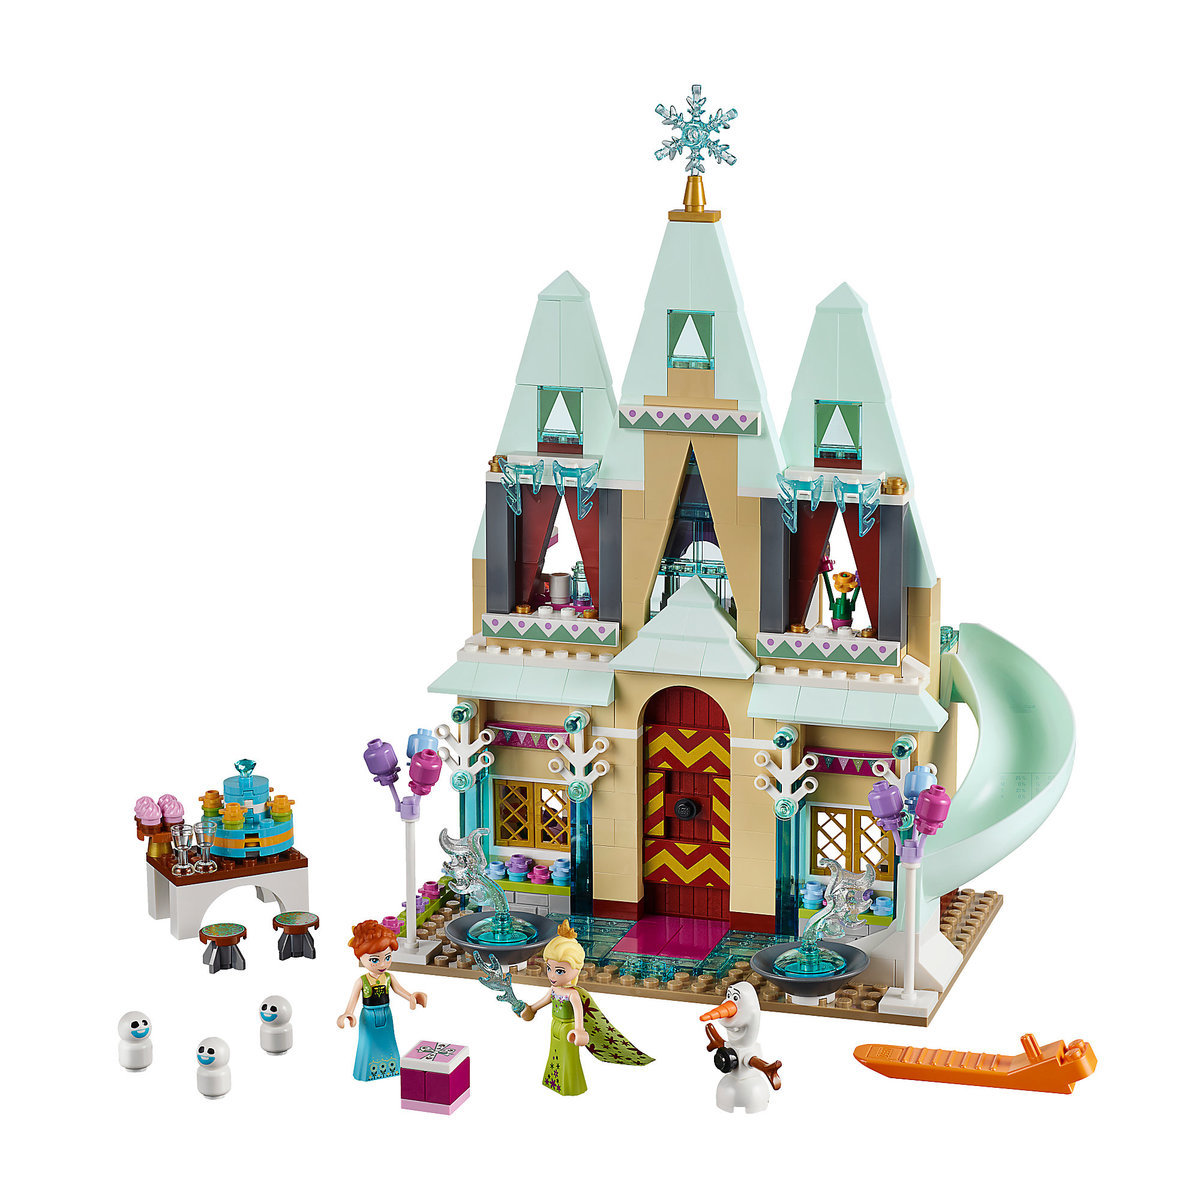 アナと雪の女王 グッズ LEGO レゴ 41068 海外版 おもちゃ